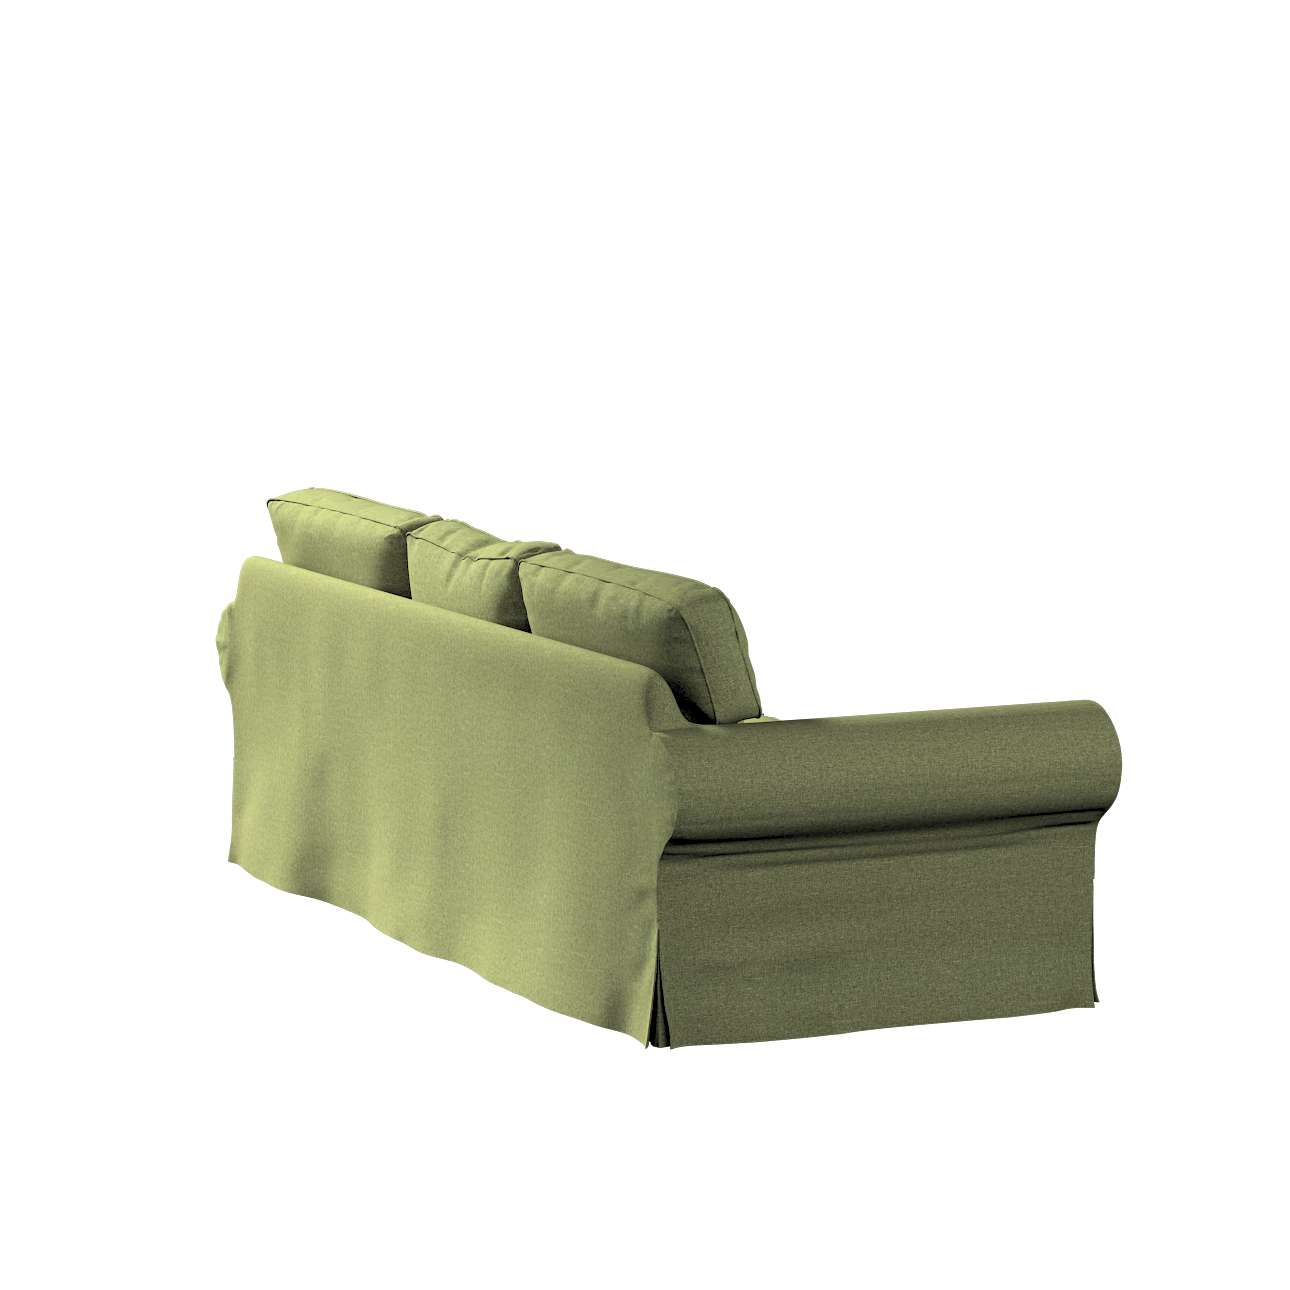 Pokrowiec na sofę Ektorp 3-osobową, rozkładaną, PIXBO w kolekcji Madrid, tkanina: 161-22